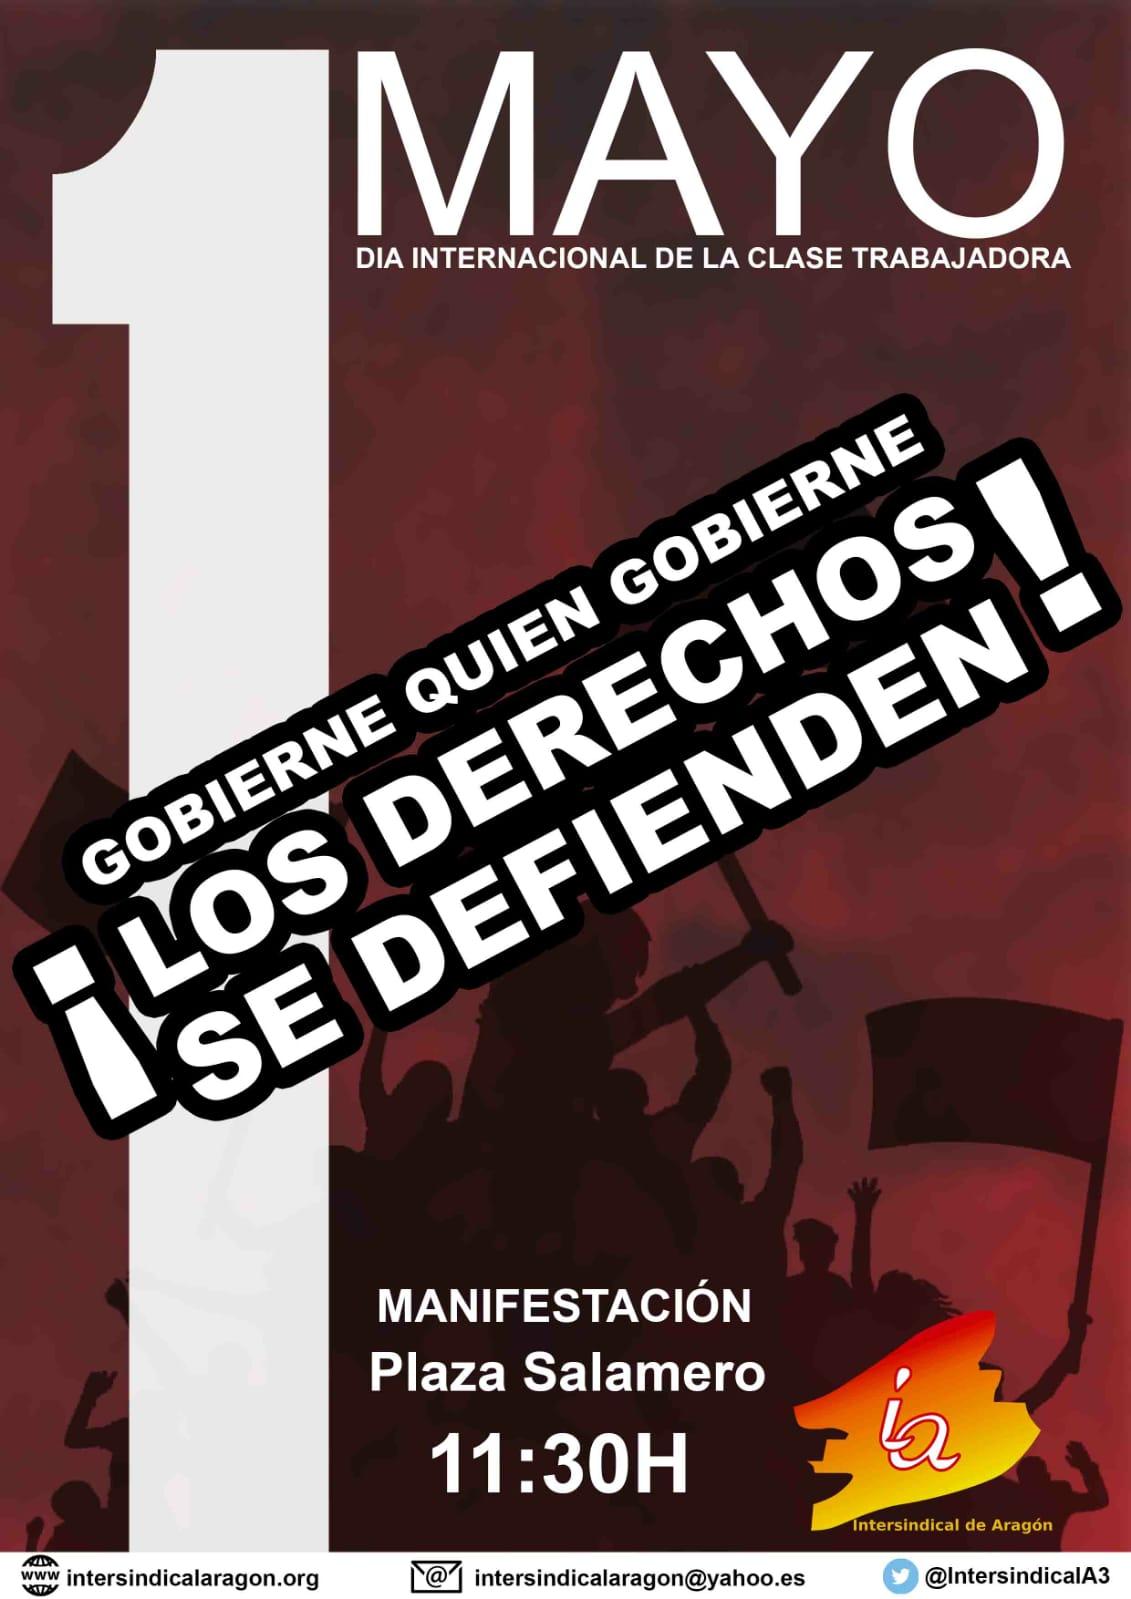 Zaragoza, 1º de Mayo ¡¡Gobierne quien gobierne los derechos se defienden!! ¡¡La lucha está en la calle!!